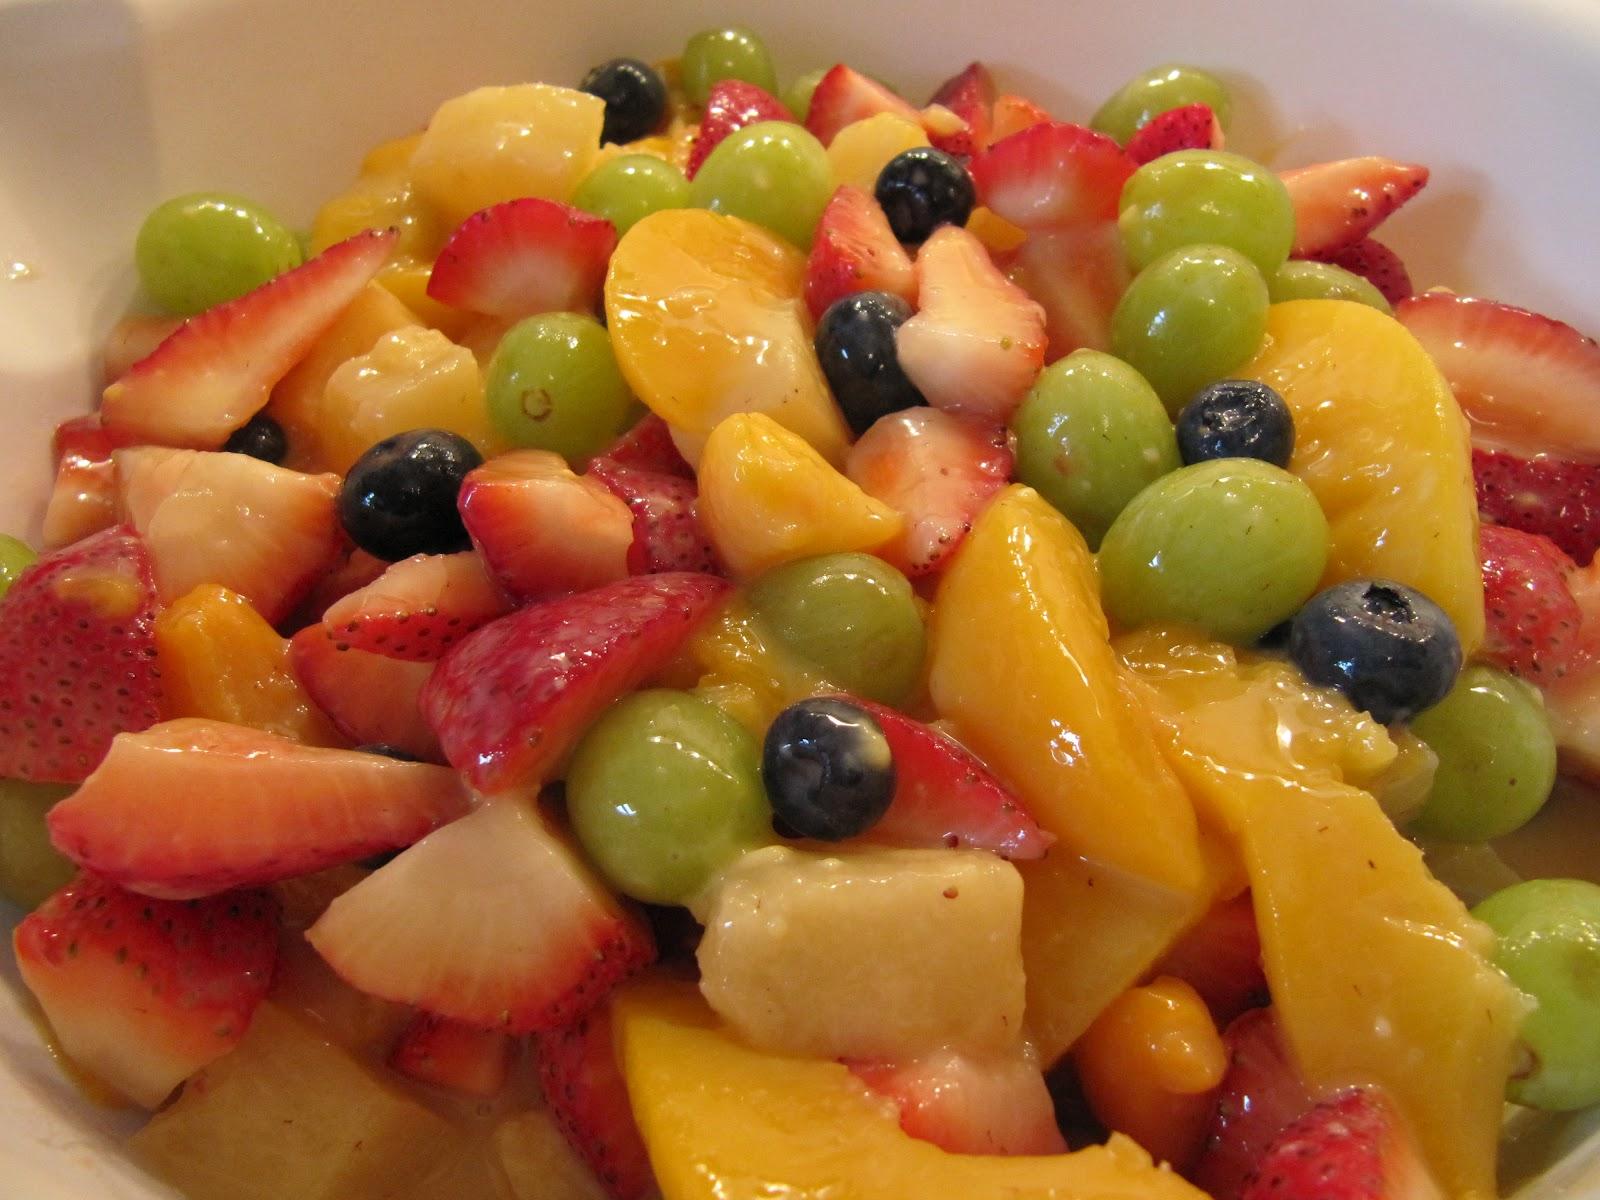 дерево фруктовый салат фото мнения